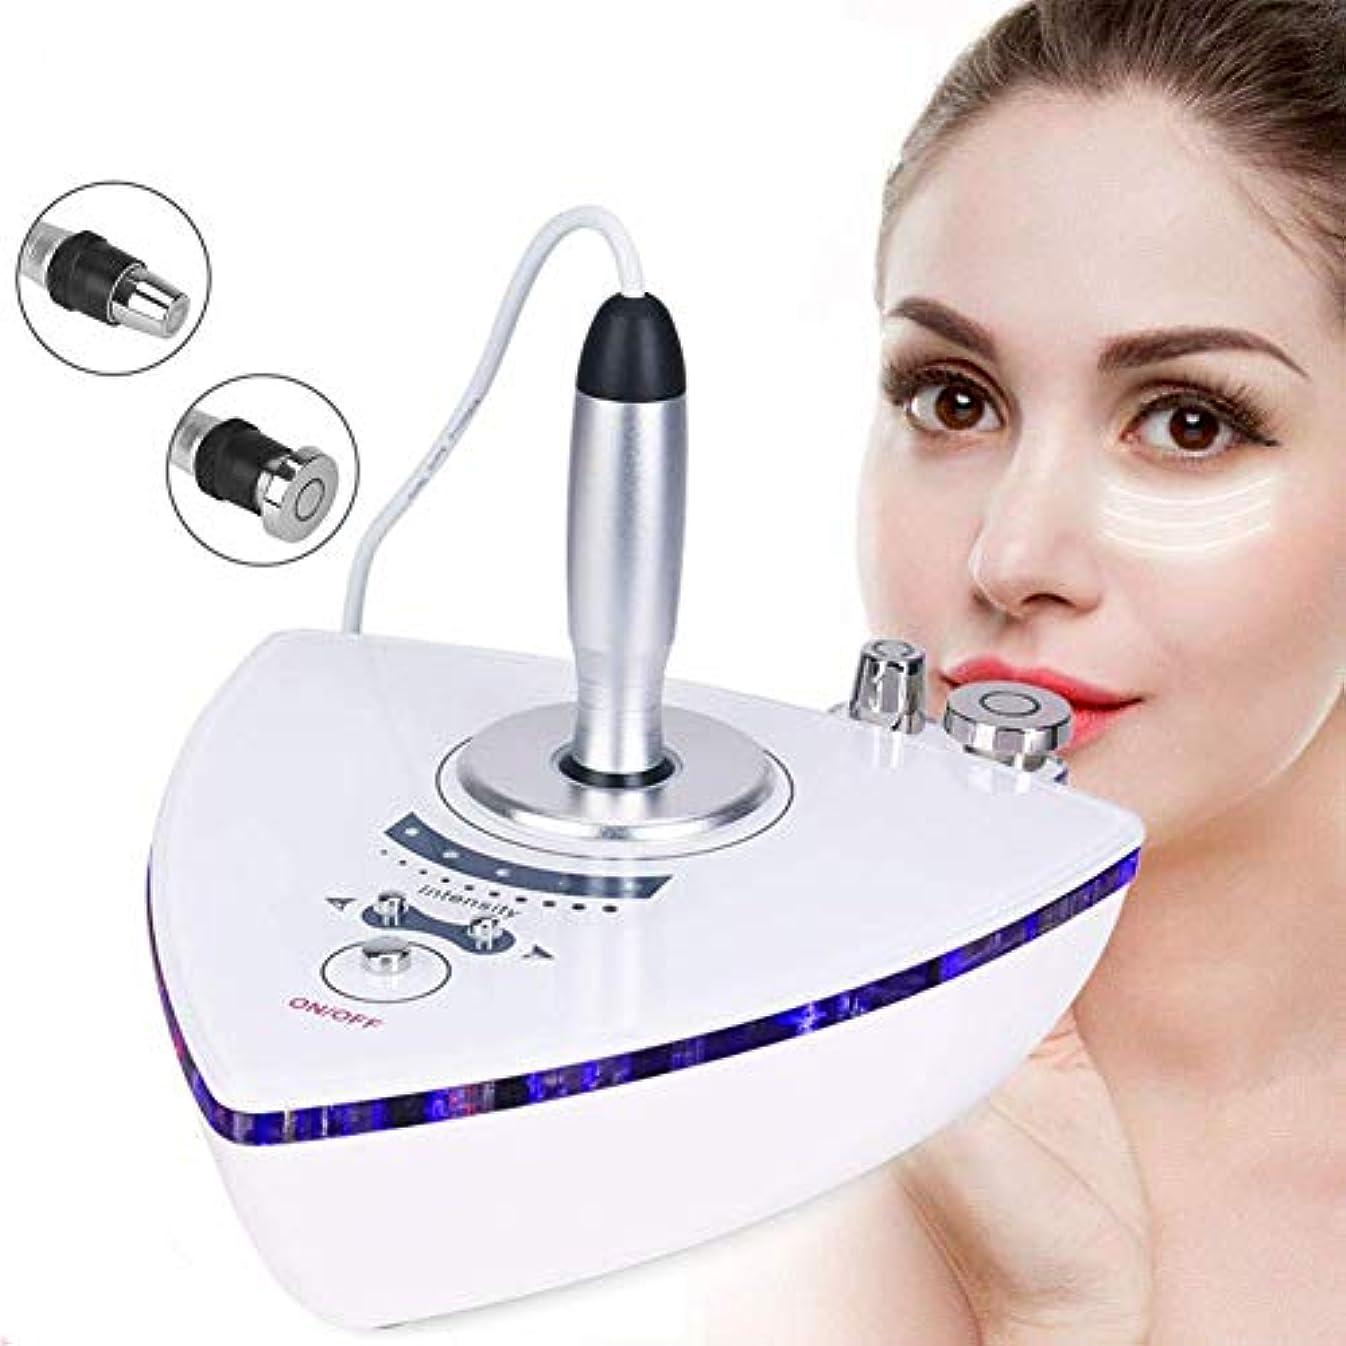 メンテナンス強度閉じるRF無線周波数ひげマシンホーム用、肌の若返りしわ除去肌のためのリフティングのために二つのプローブを用いたRF美容機器マッサージャーアンチエイジングスキンケアを締めます